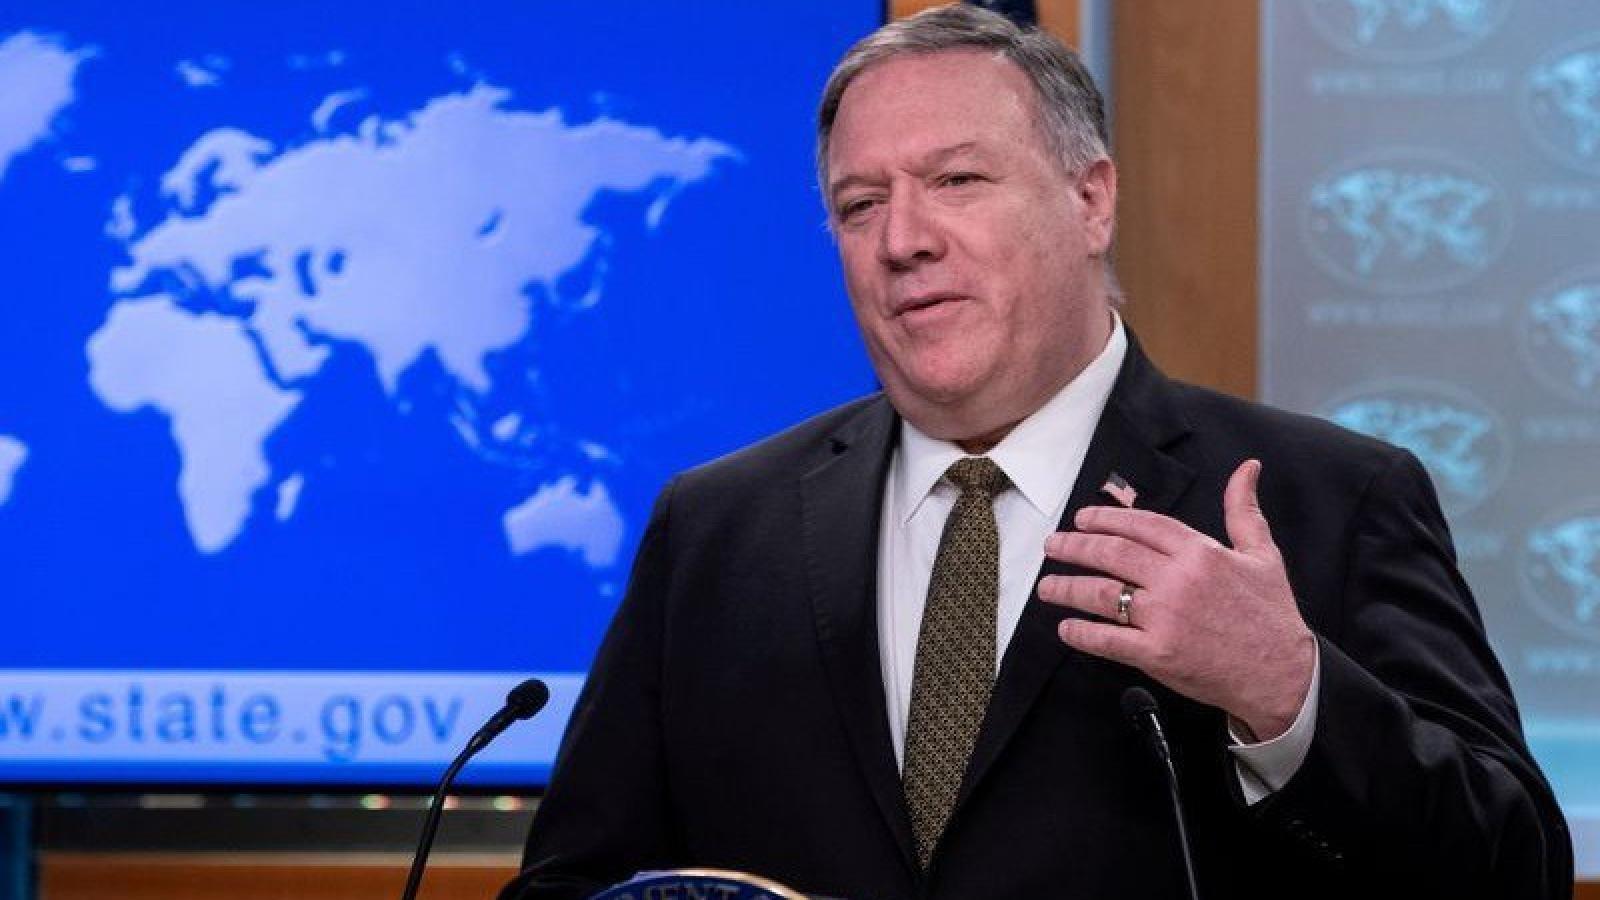 Mỹ ủng hộ Australia thúc đẩy điều tra về dịch Covid-19, tìm câu trả lời của Trung Quốc